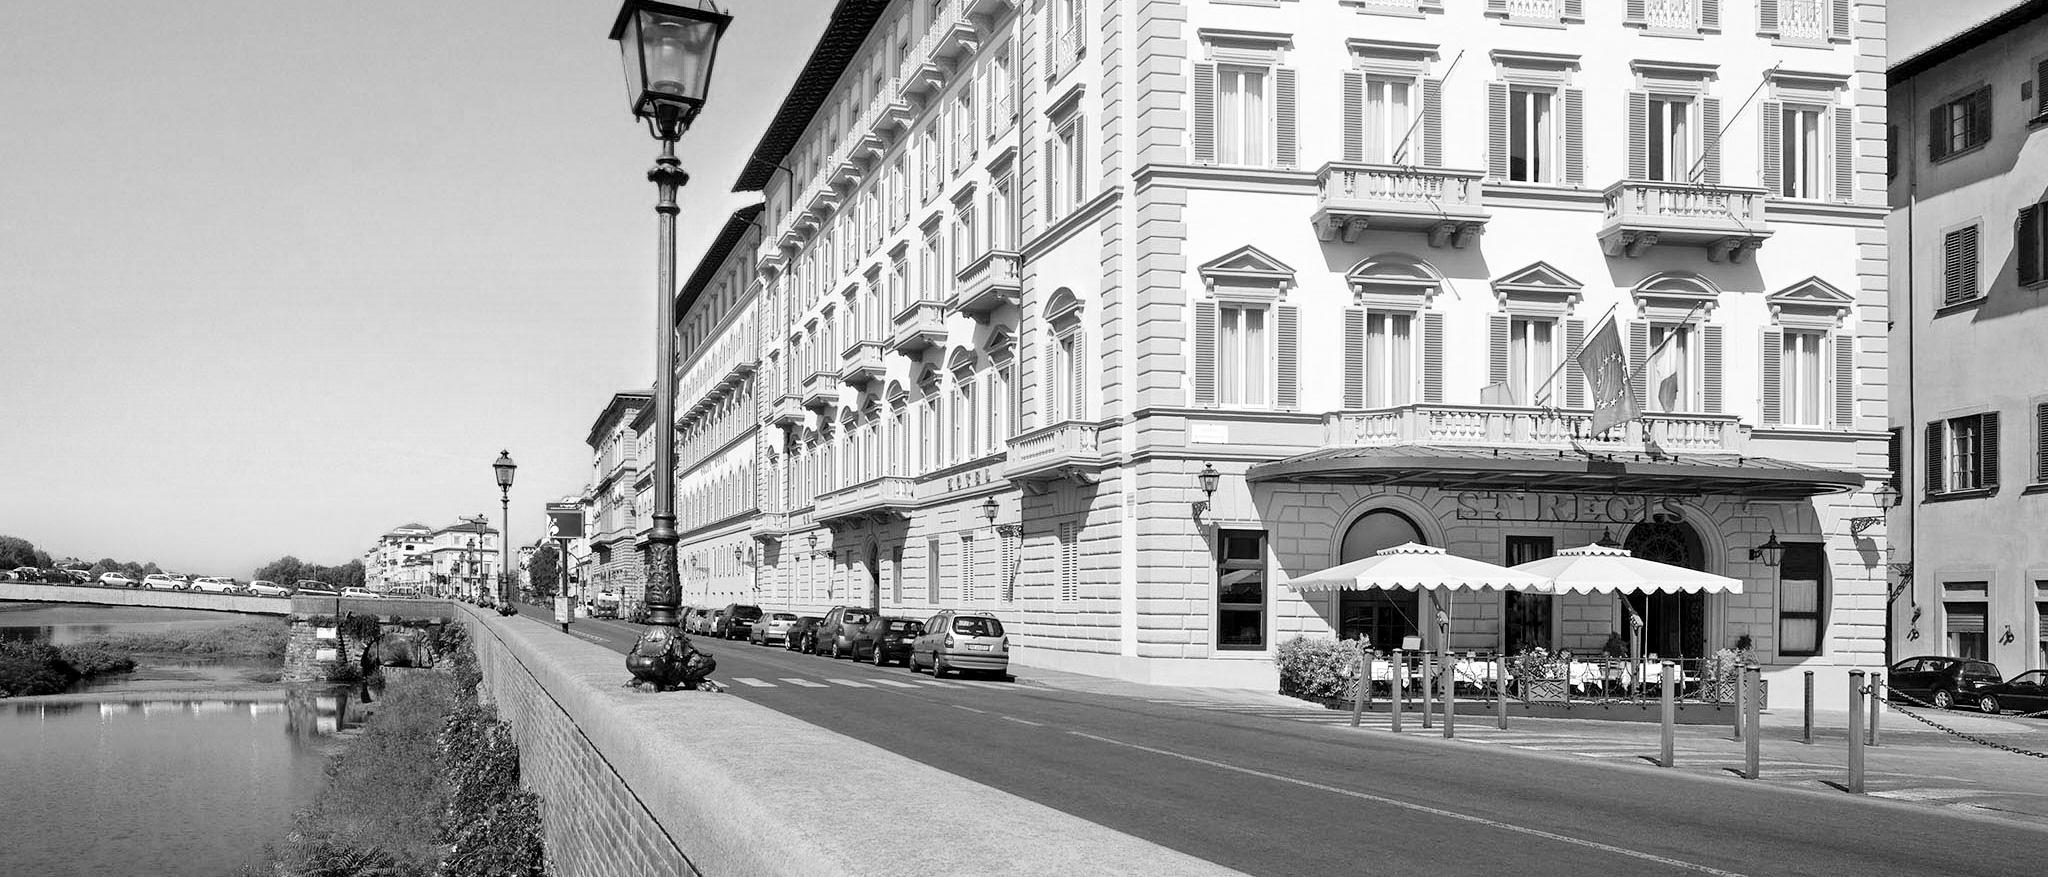 St. Regis Firenze exterior